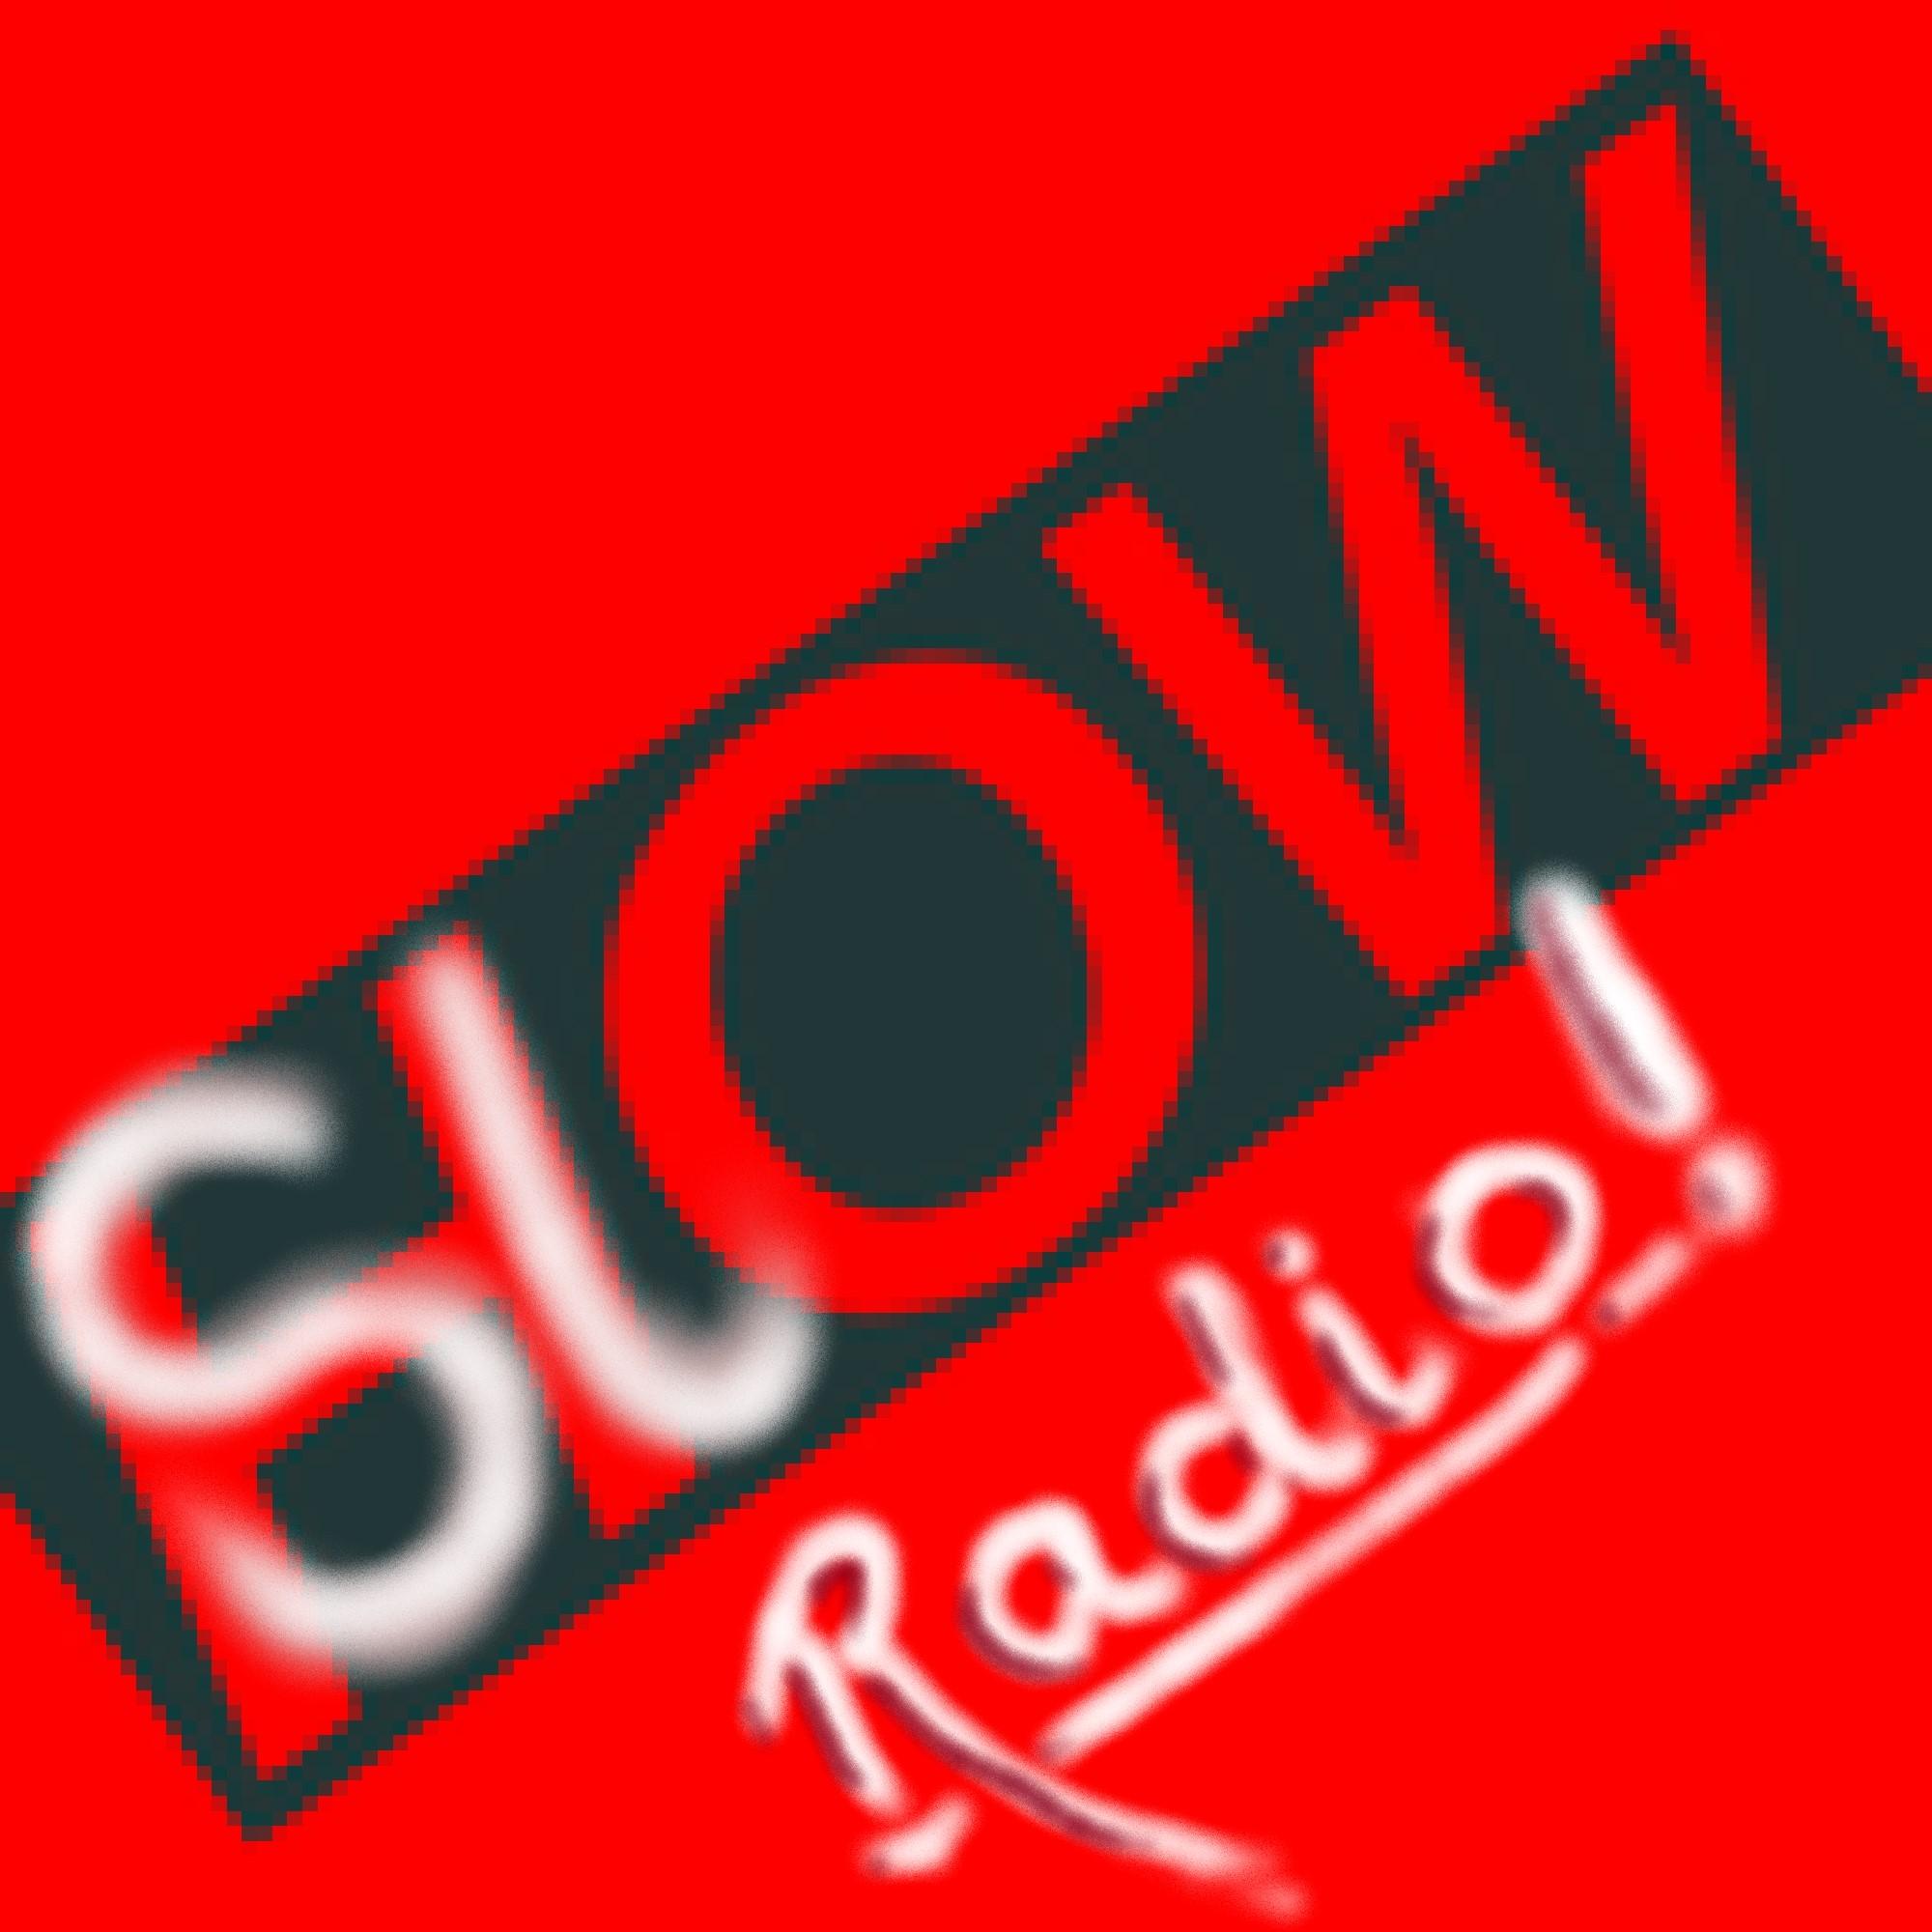 Slow Radio show art